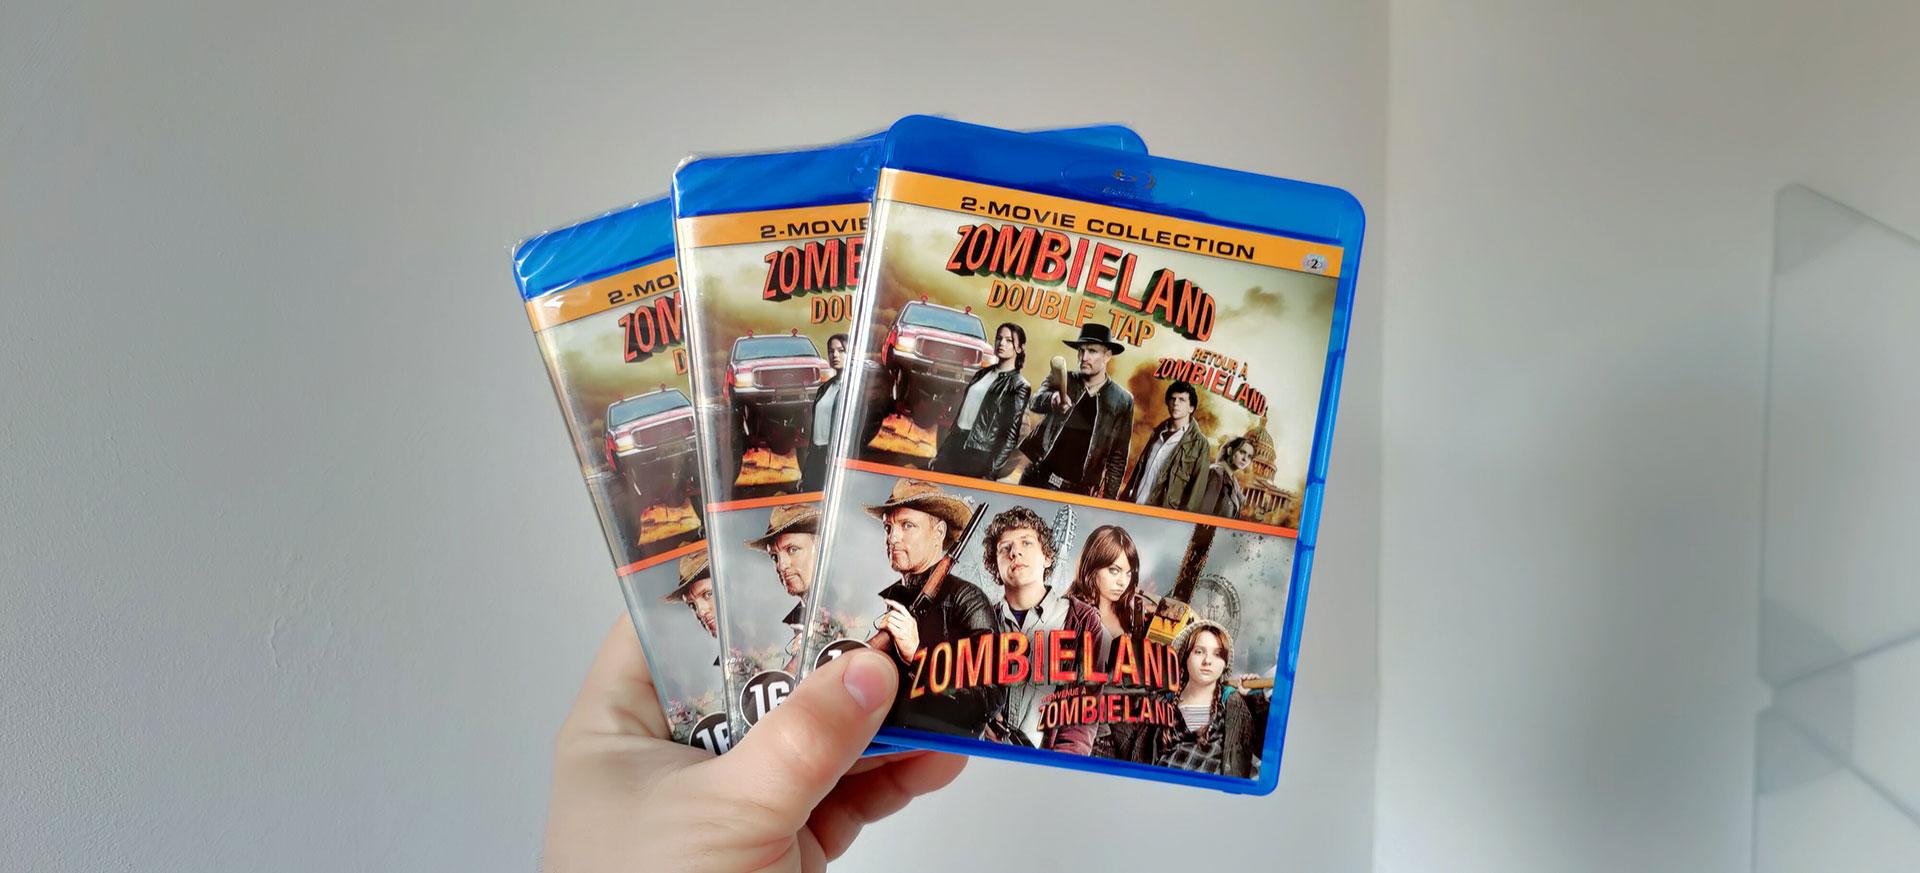 Zombieland en Zombieland Double Tap op Blu-Ray